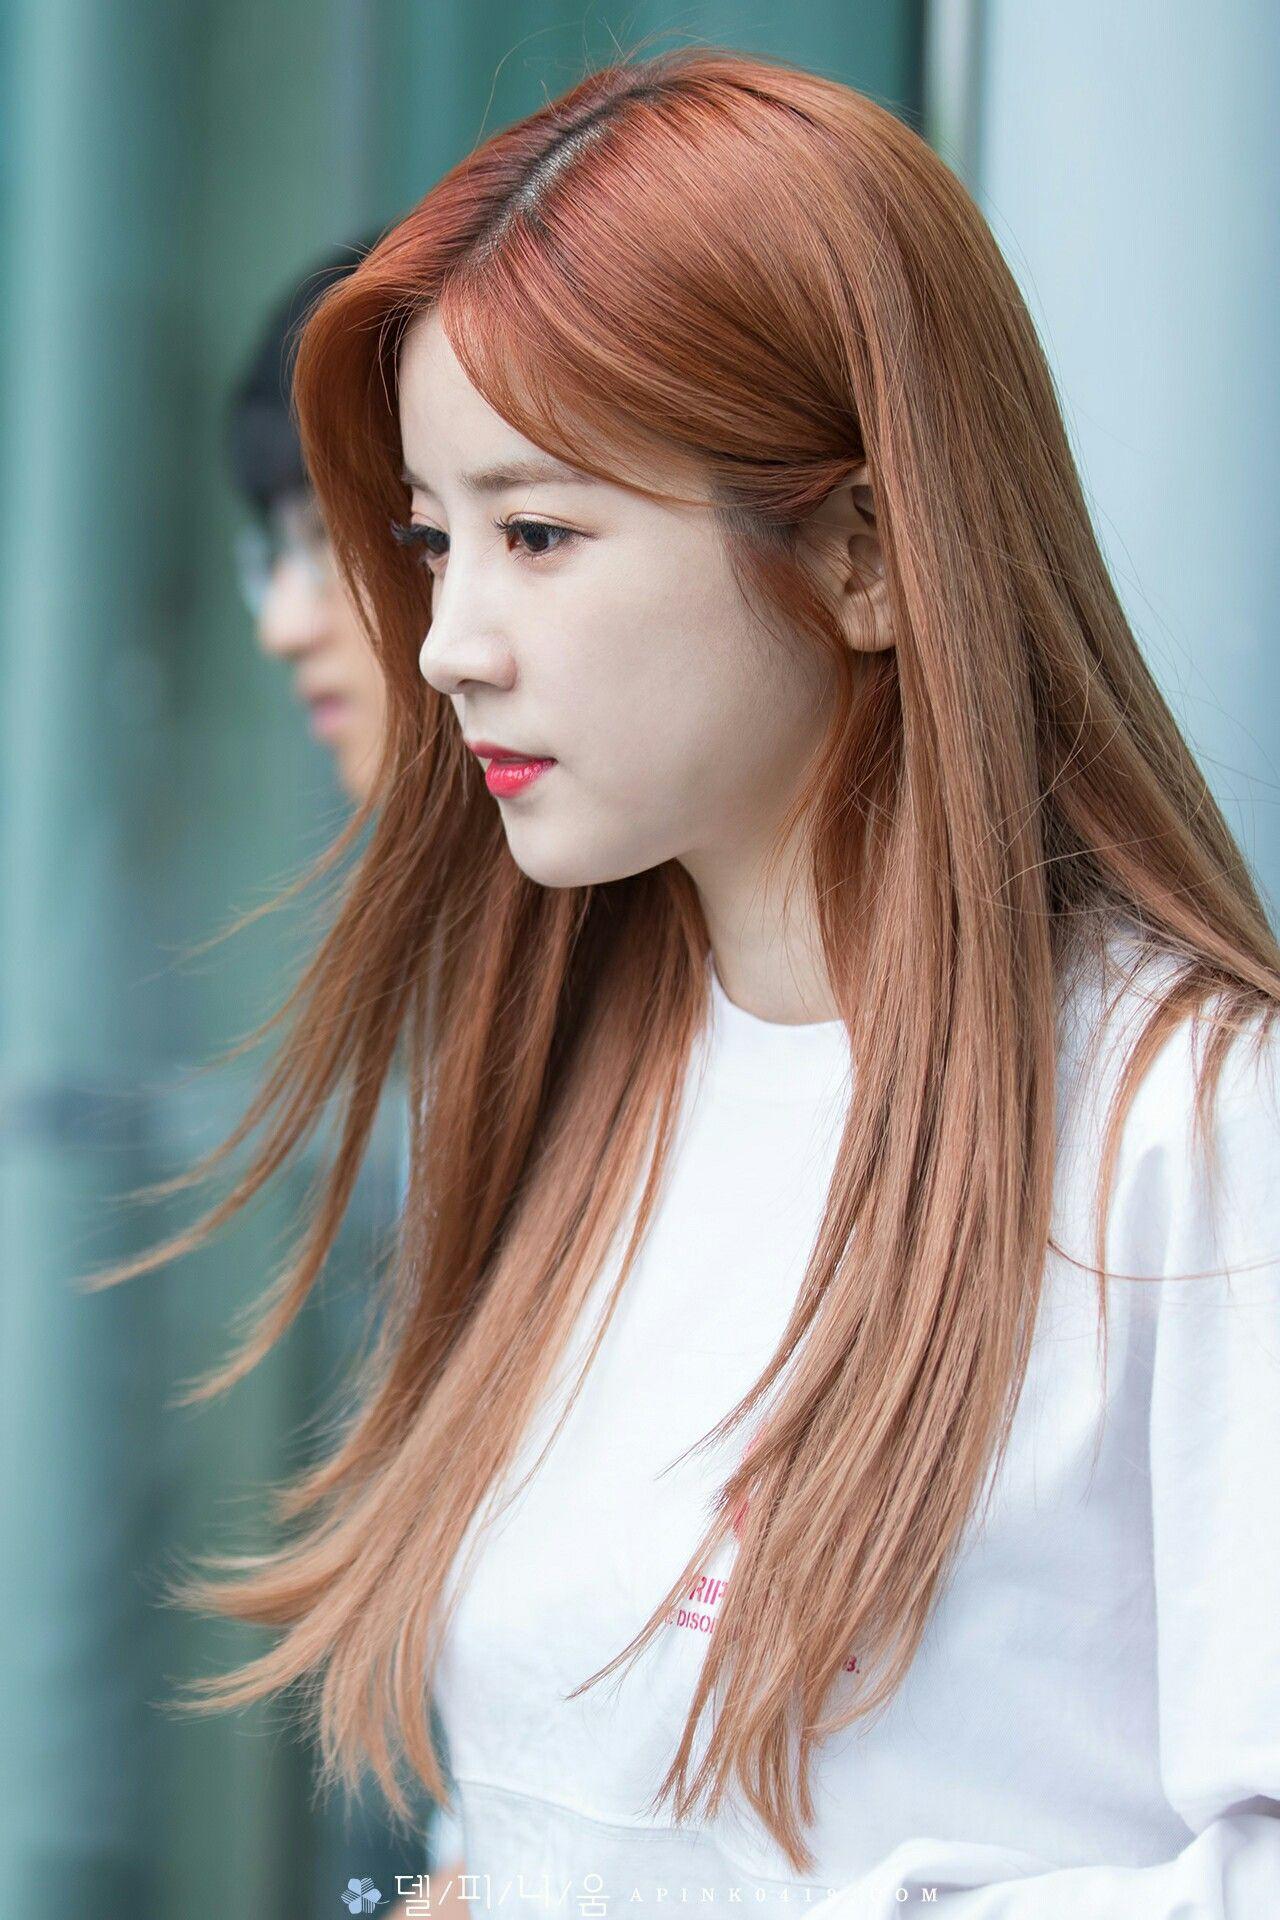 VZN News: Các nhóm nhạc Kpop có thành viên giống nhau đến khó tin: Yoona và Yuri còn chưa gây sốc bằng bộ đôi SEVENTEEN - Ảnh 27.